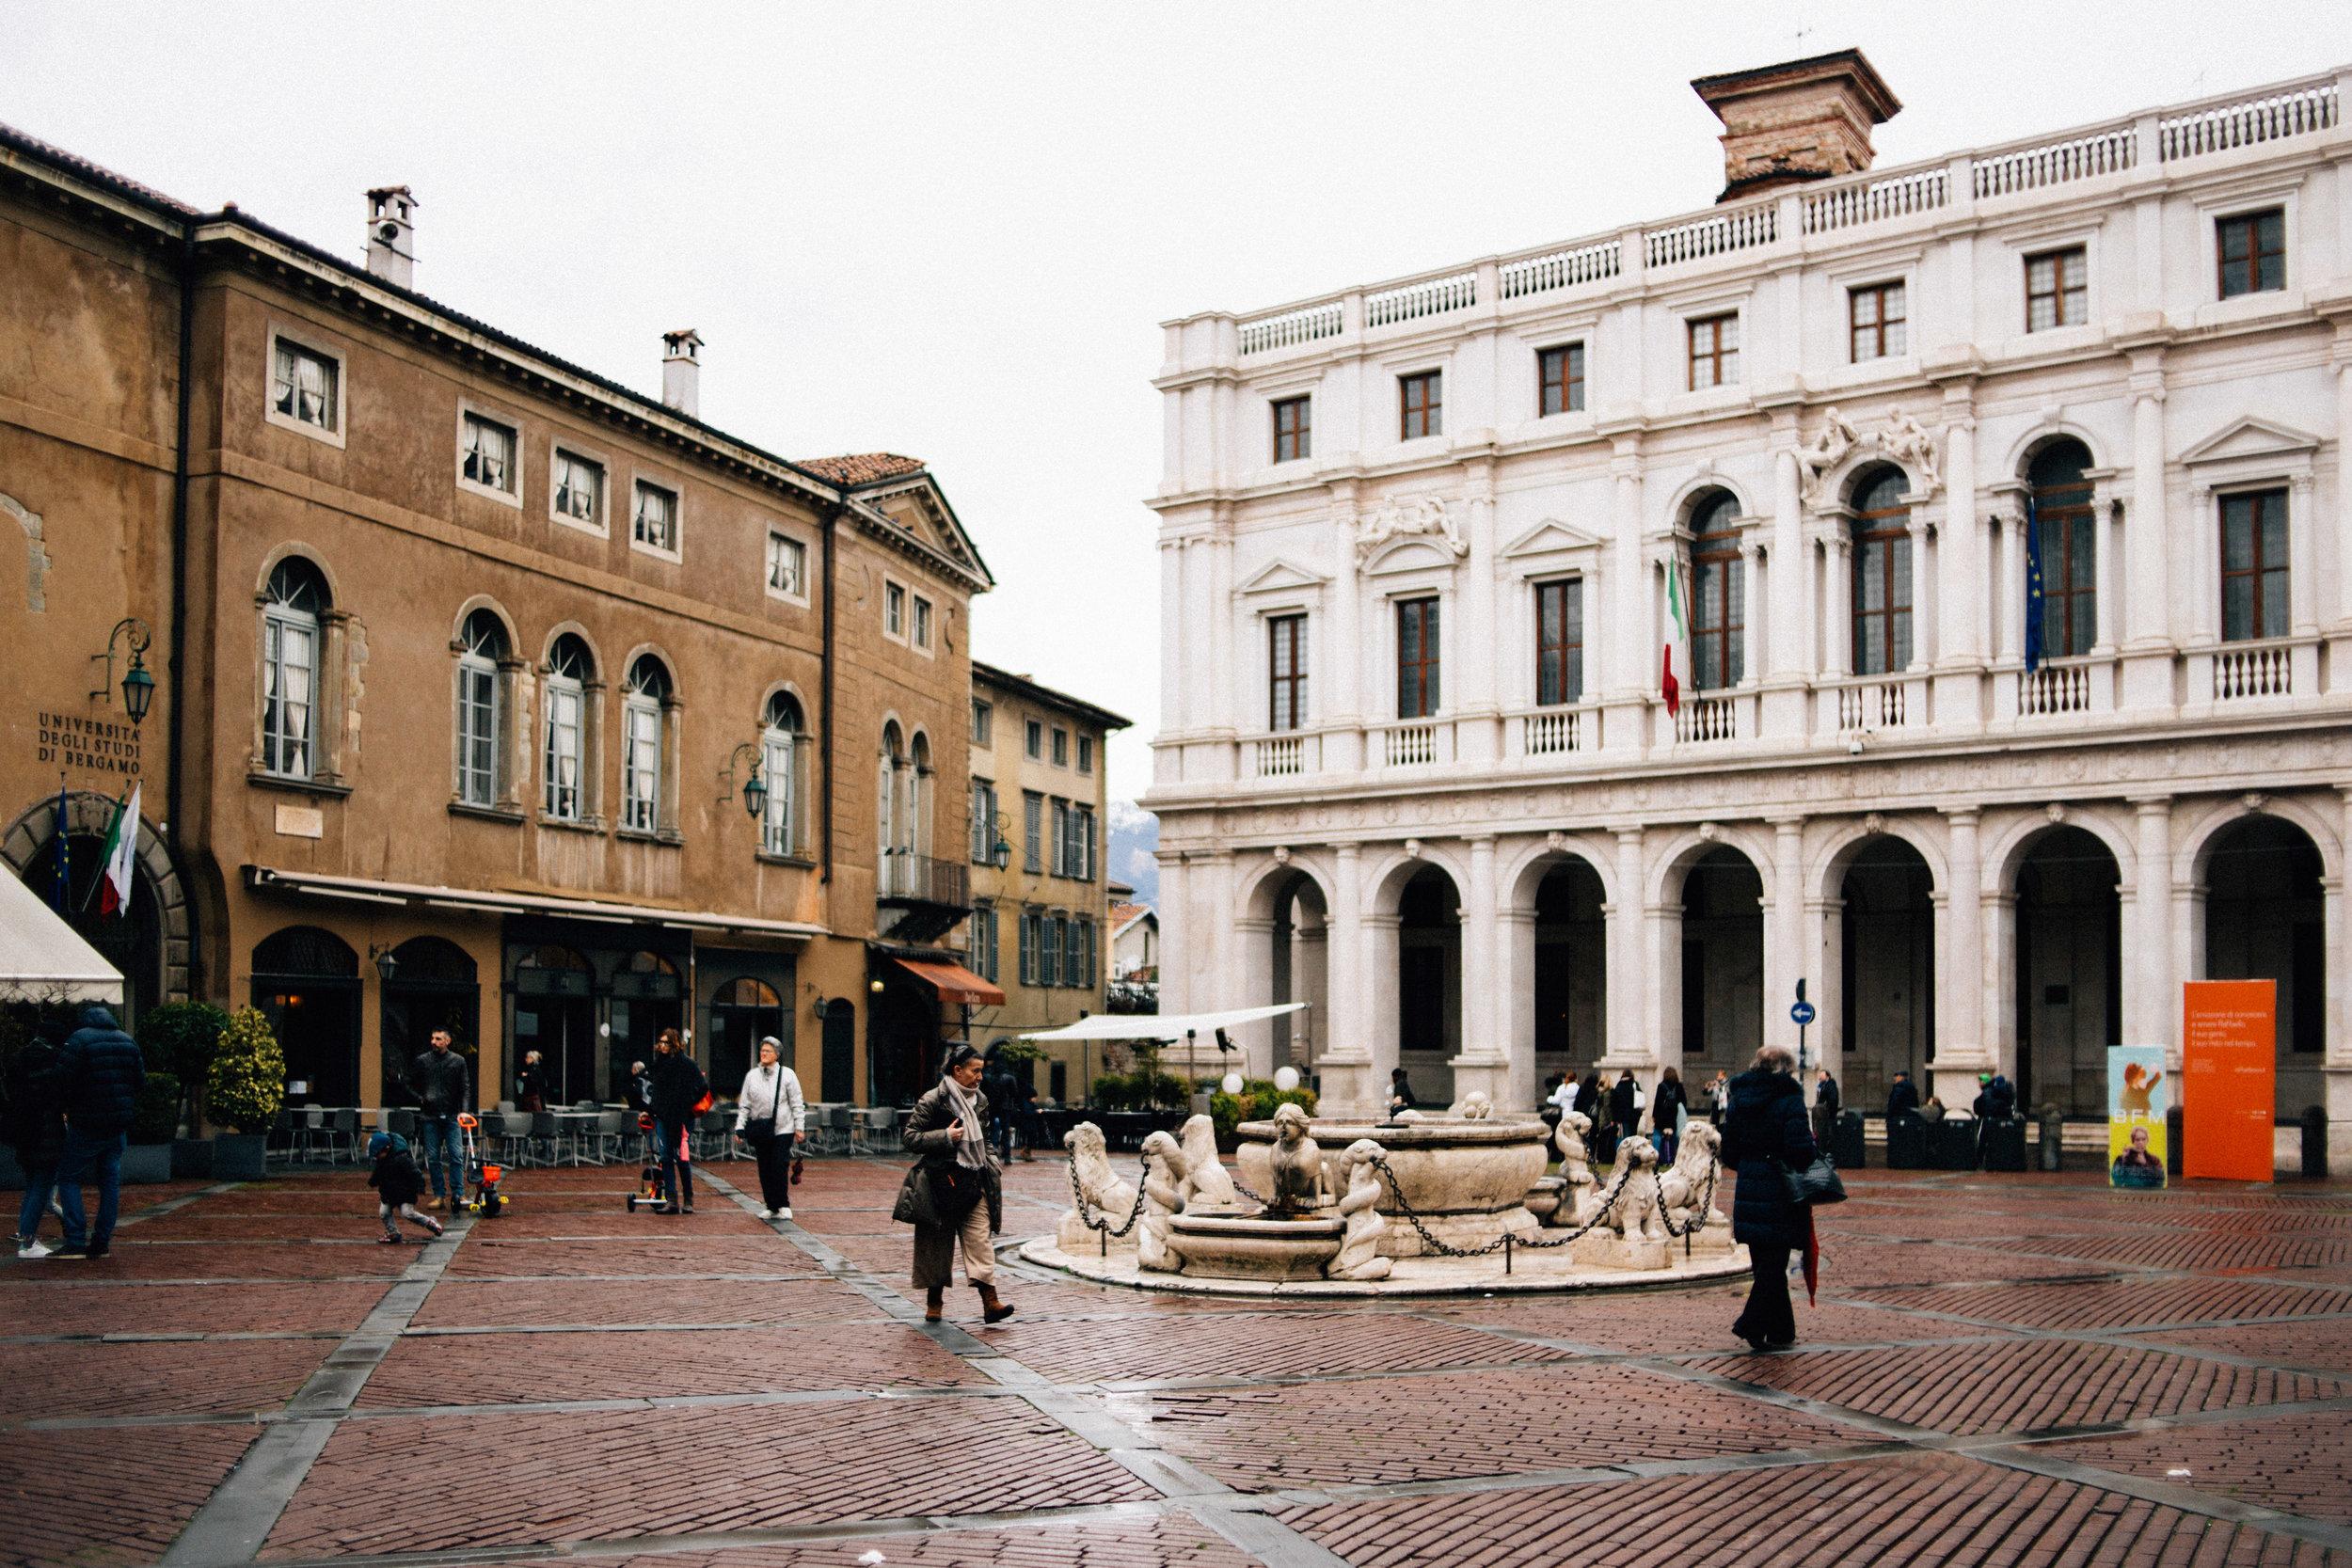 041 - Bergamo.jpg